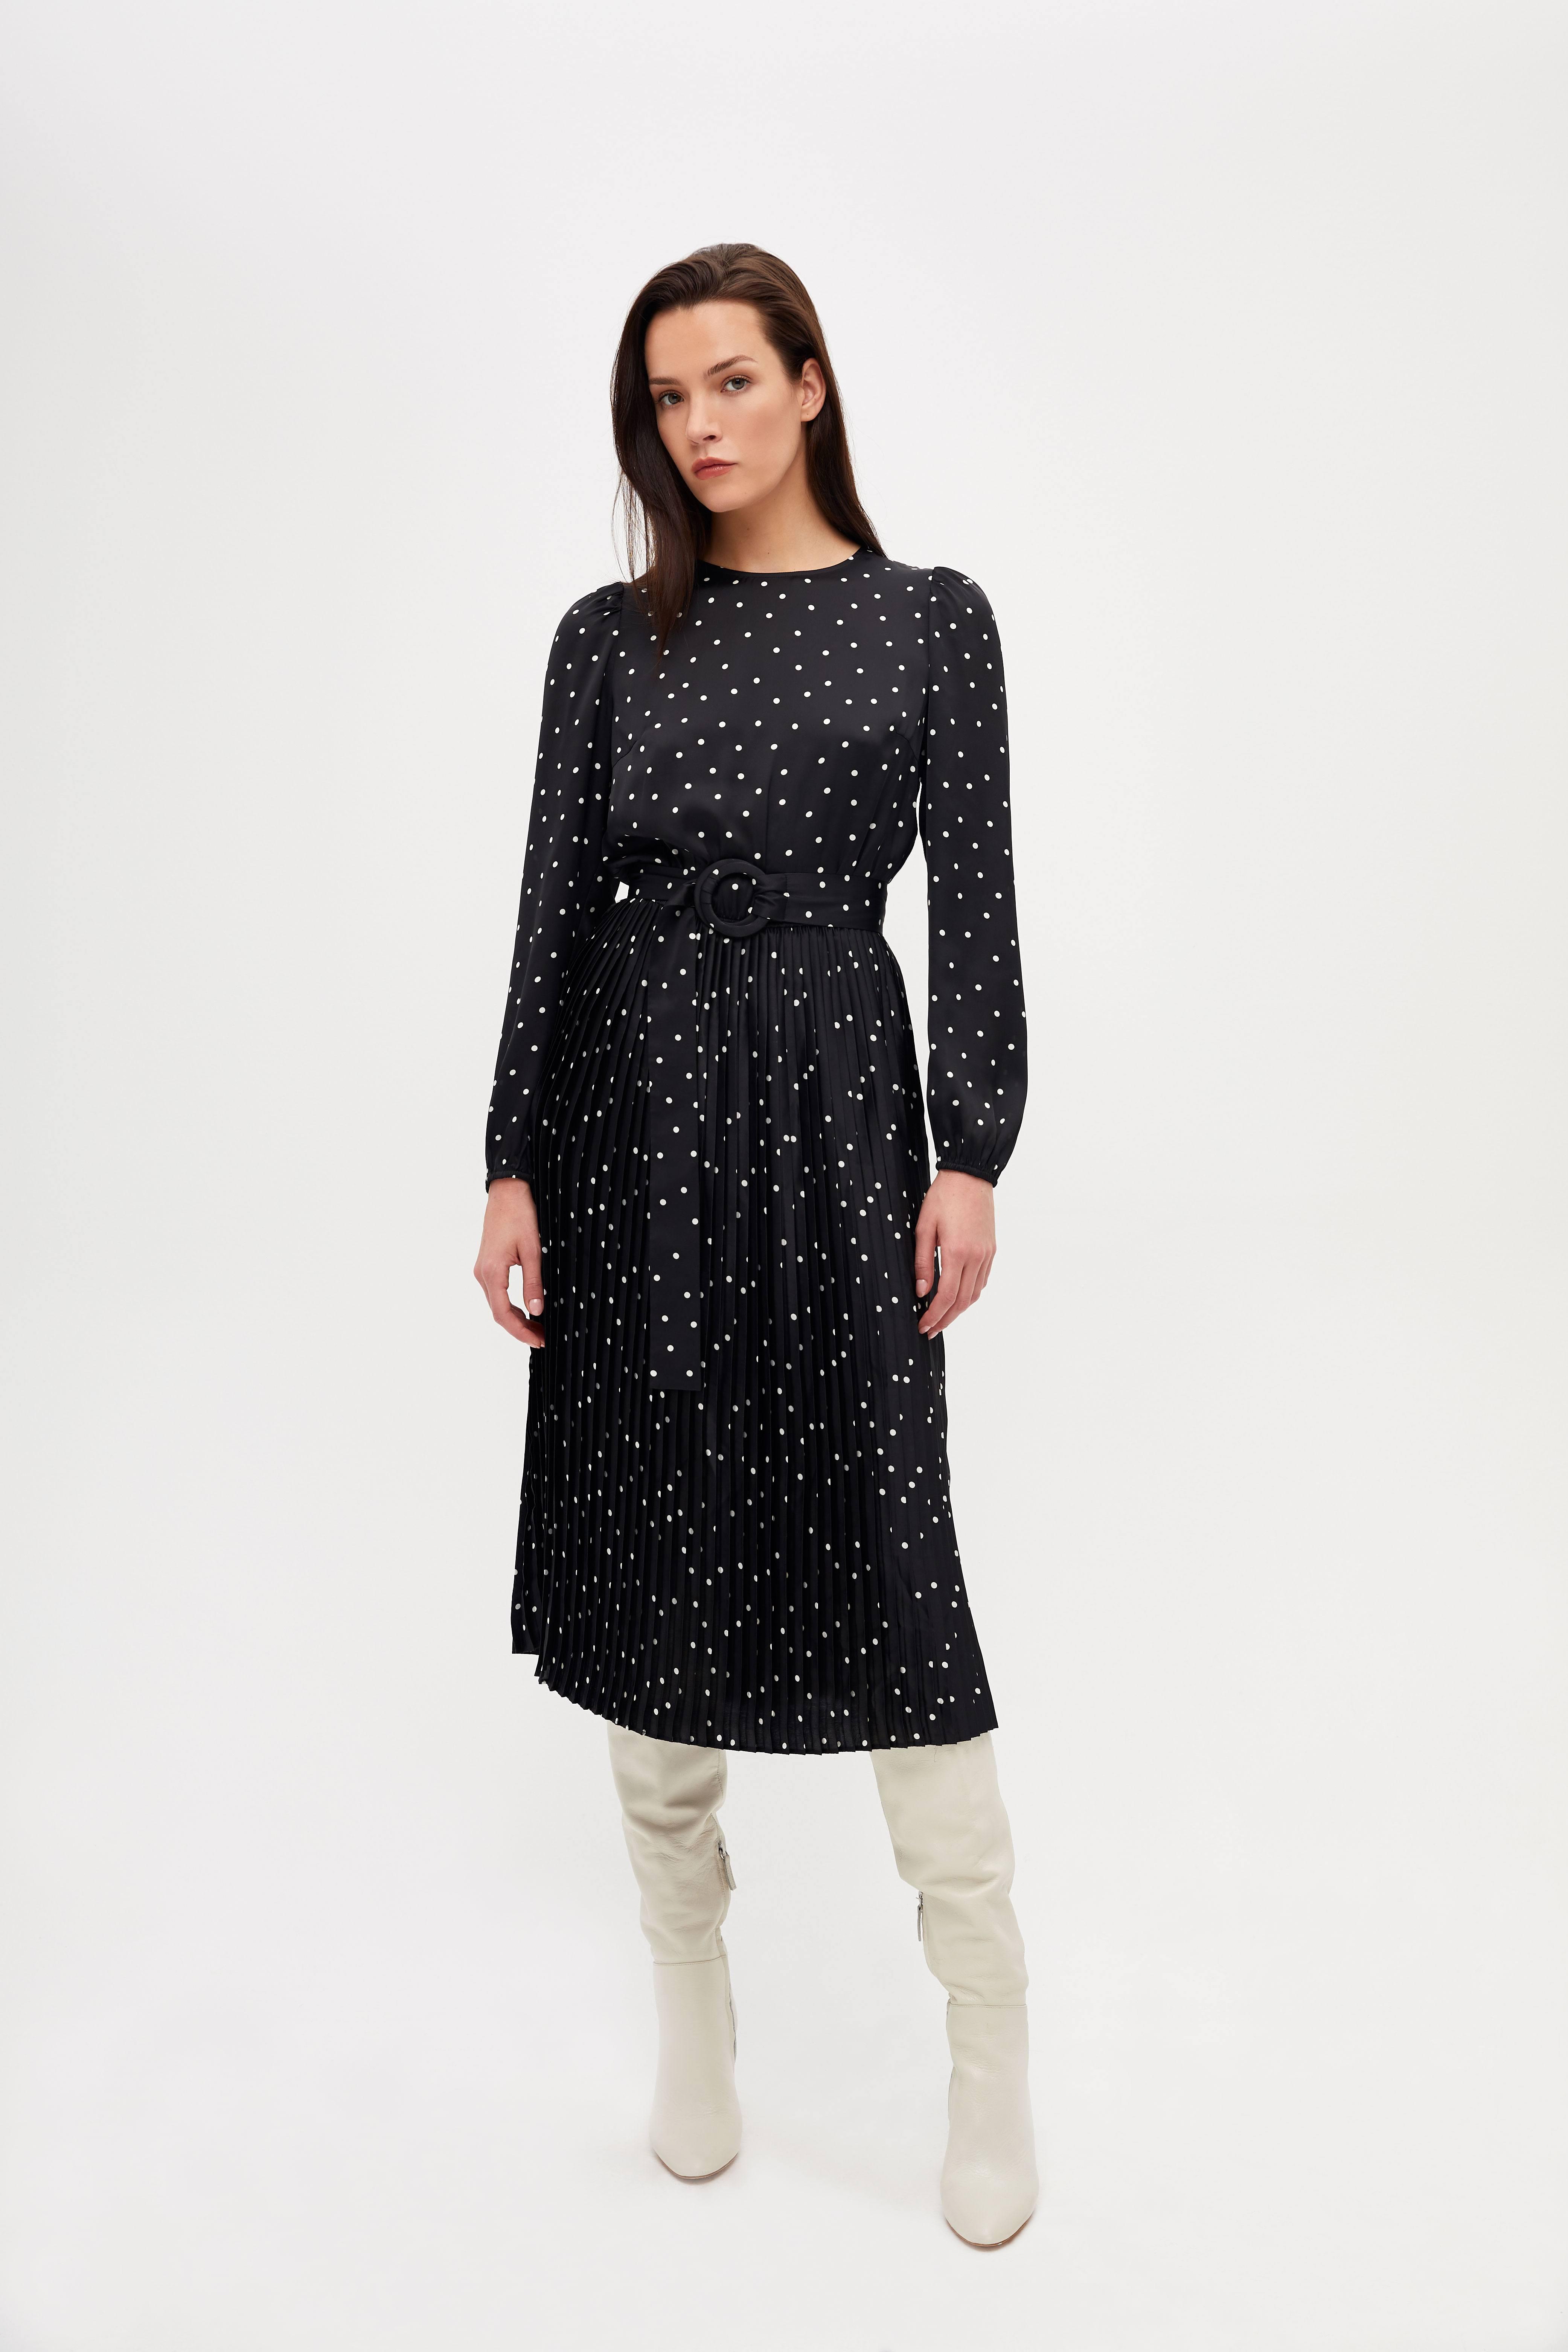 Платье LIME Платье с юбкой плиссе короткое платье с длинной юбкой